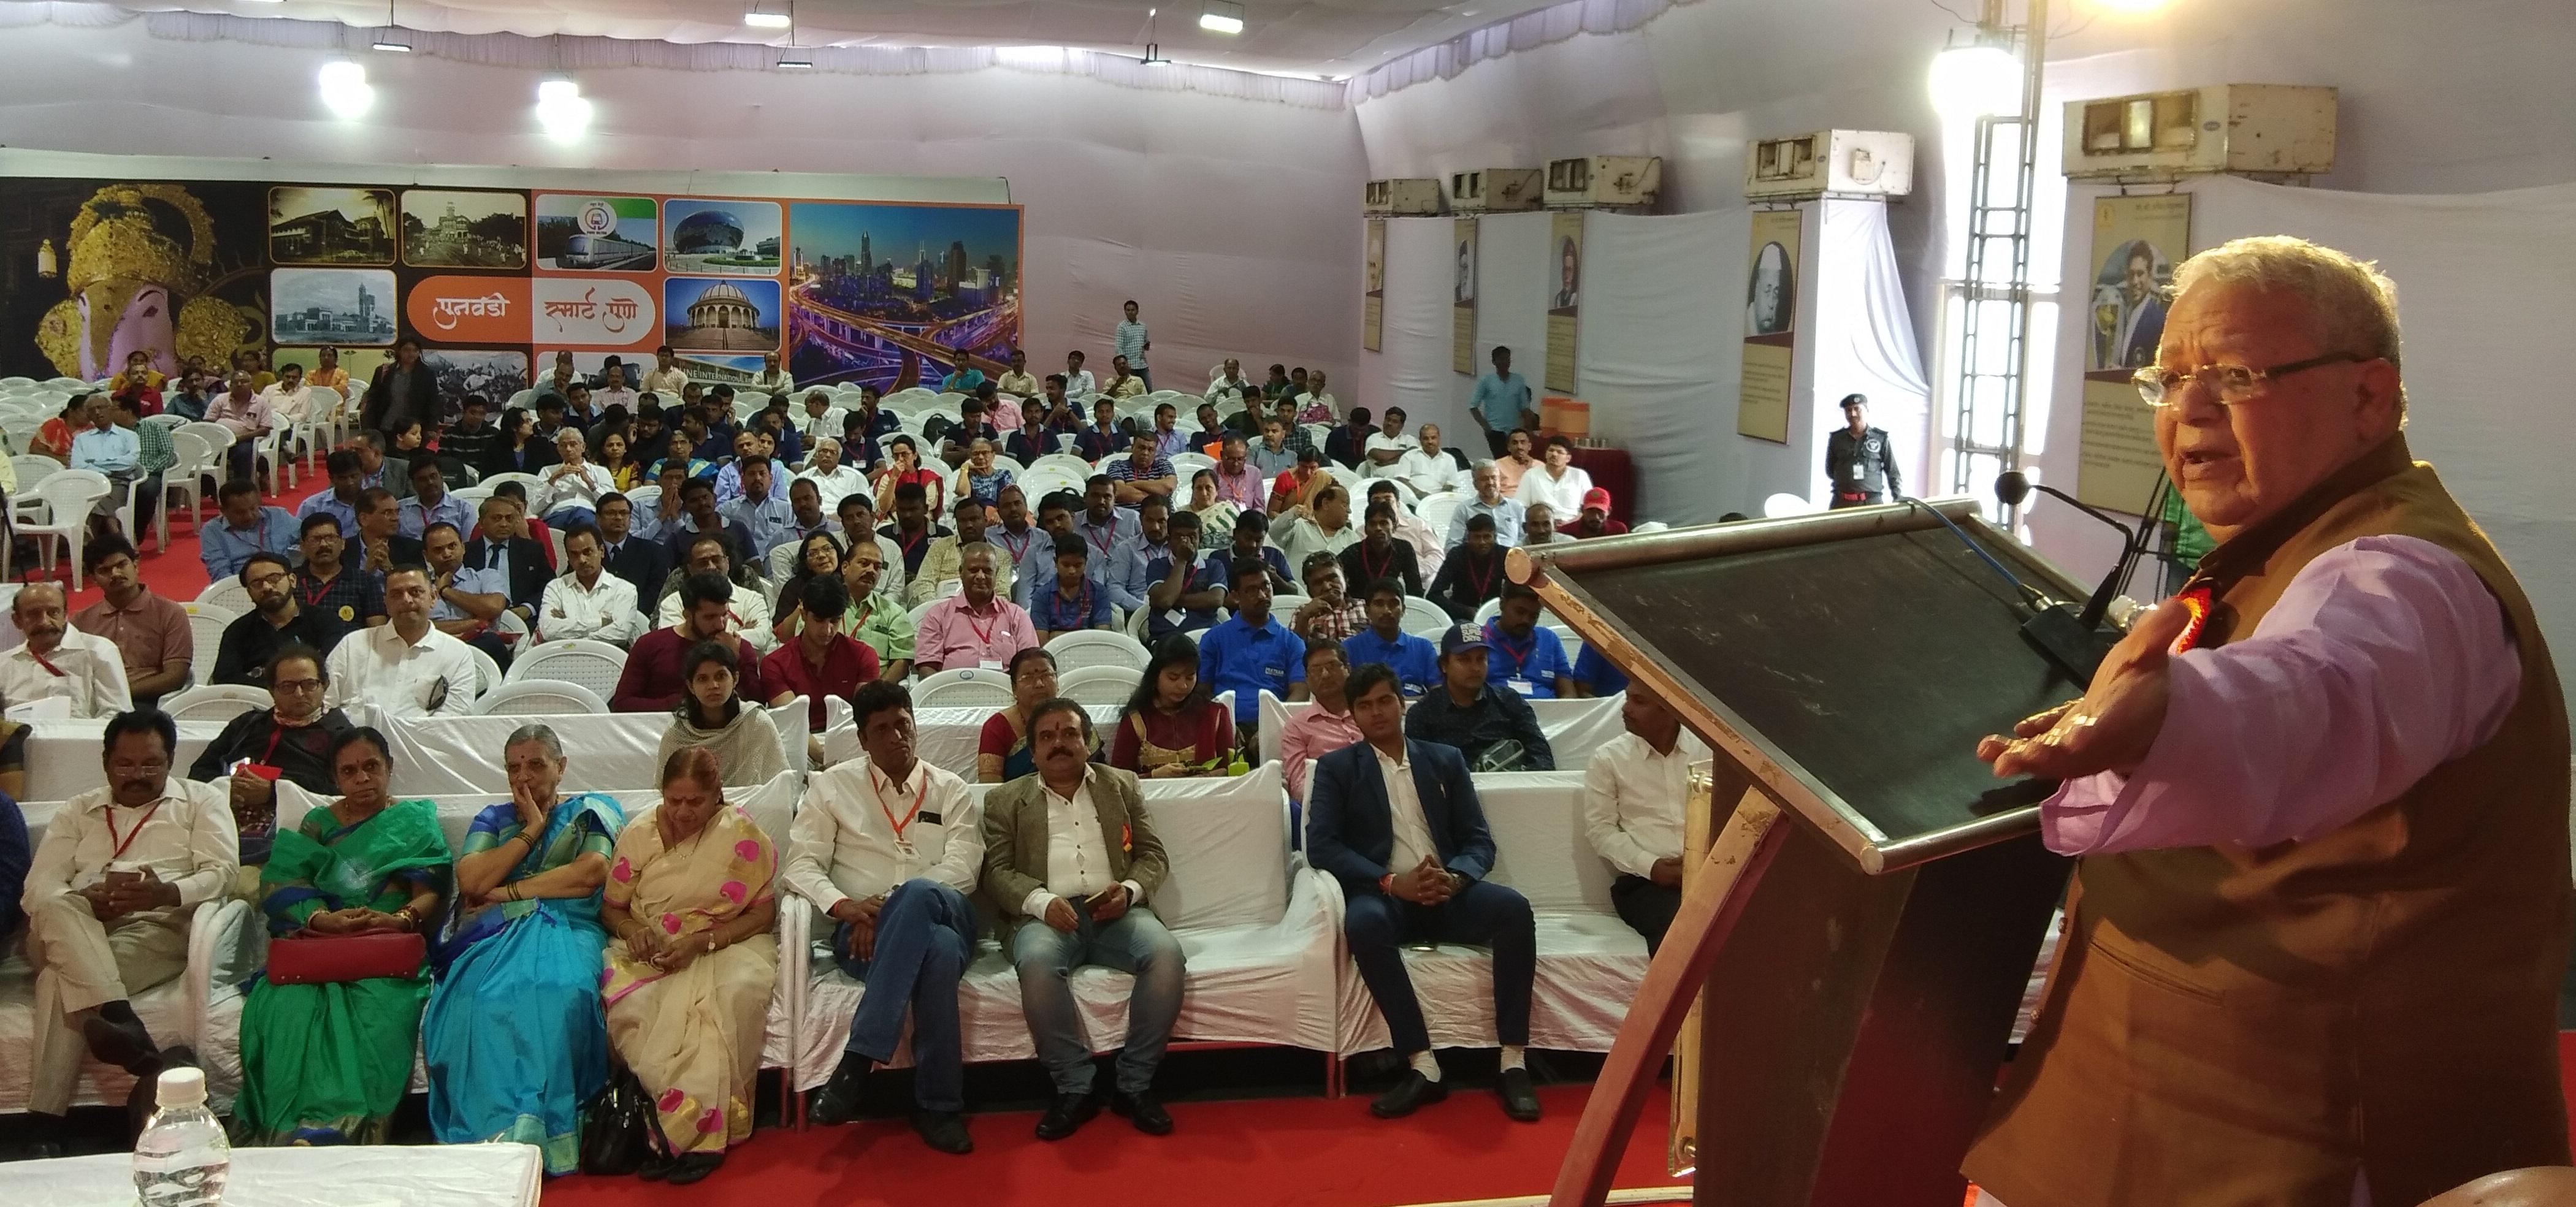 ब्राह्मण समाजाने उद्योजकता विकासावर भर द्यावा- कलराज मिश्र